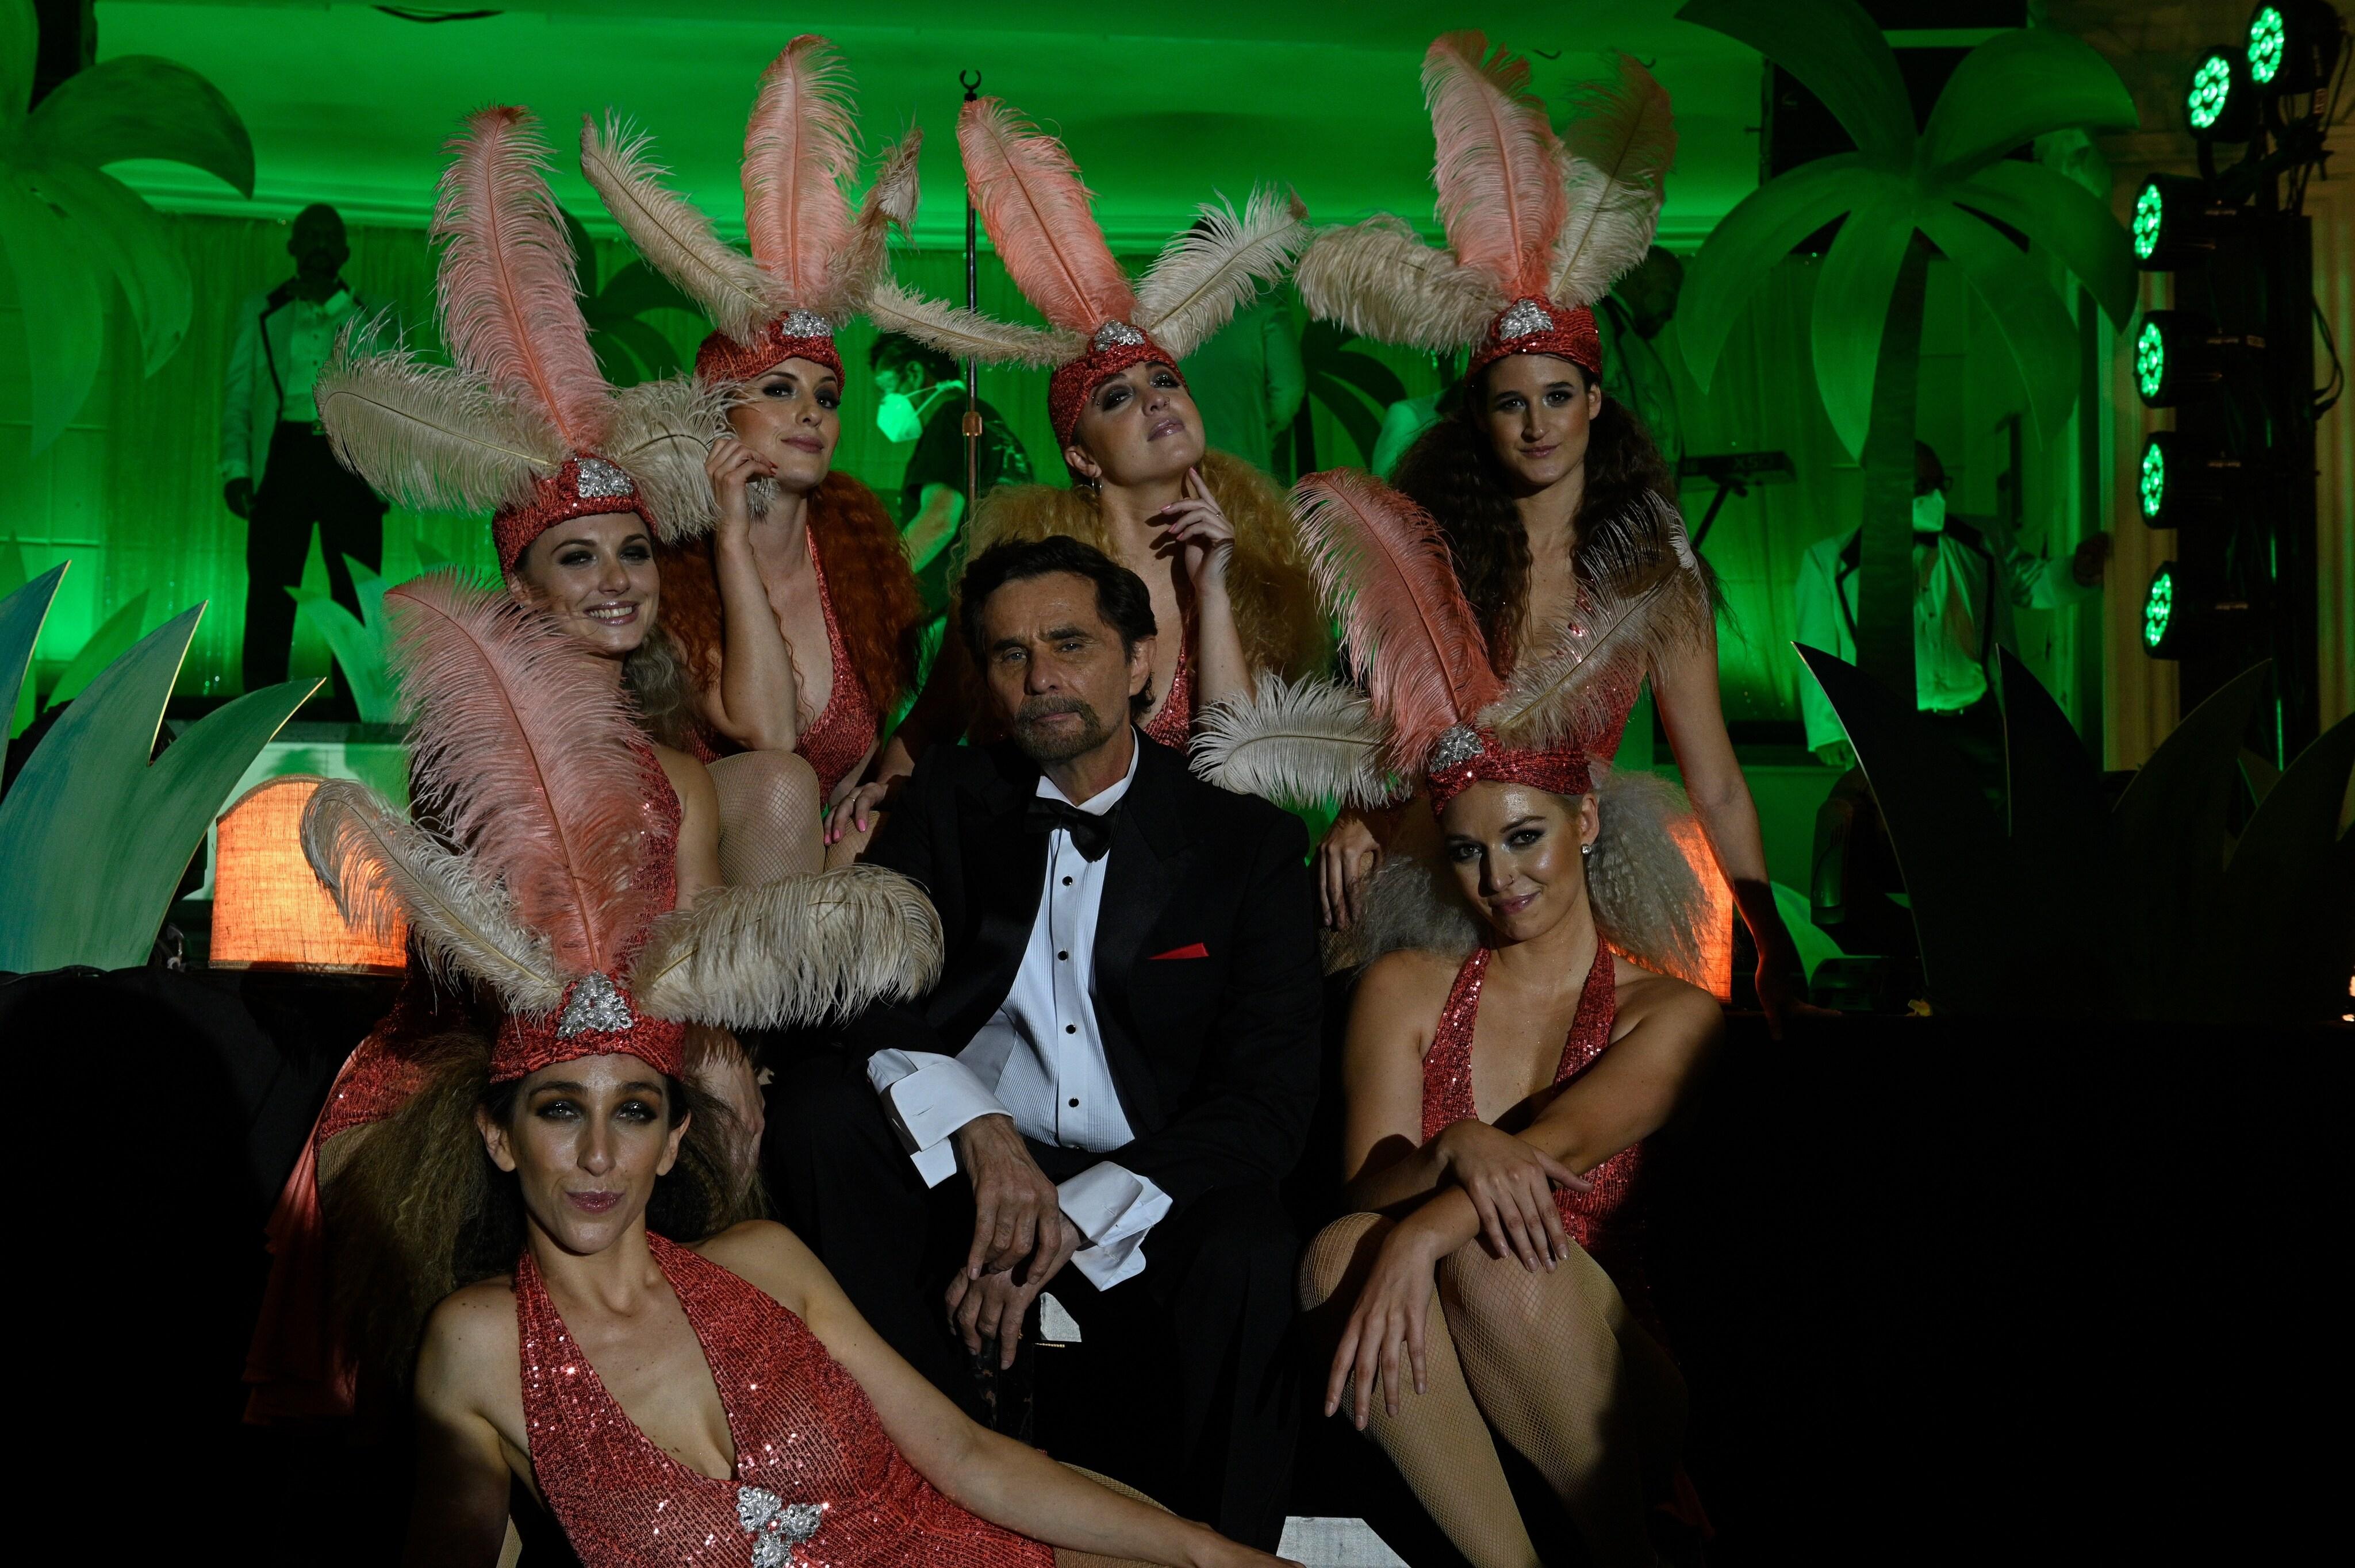 Humberto Zurita - El galán. La TV cambio, él no